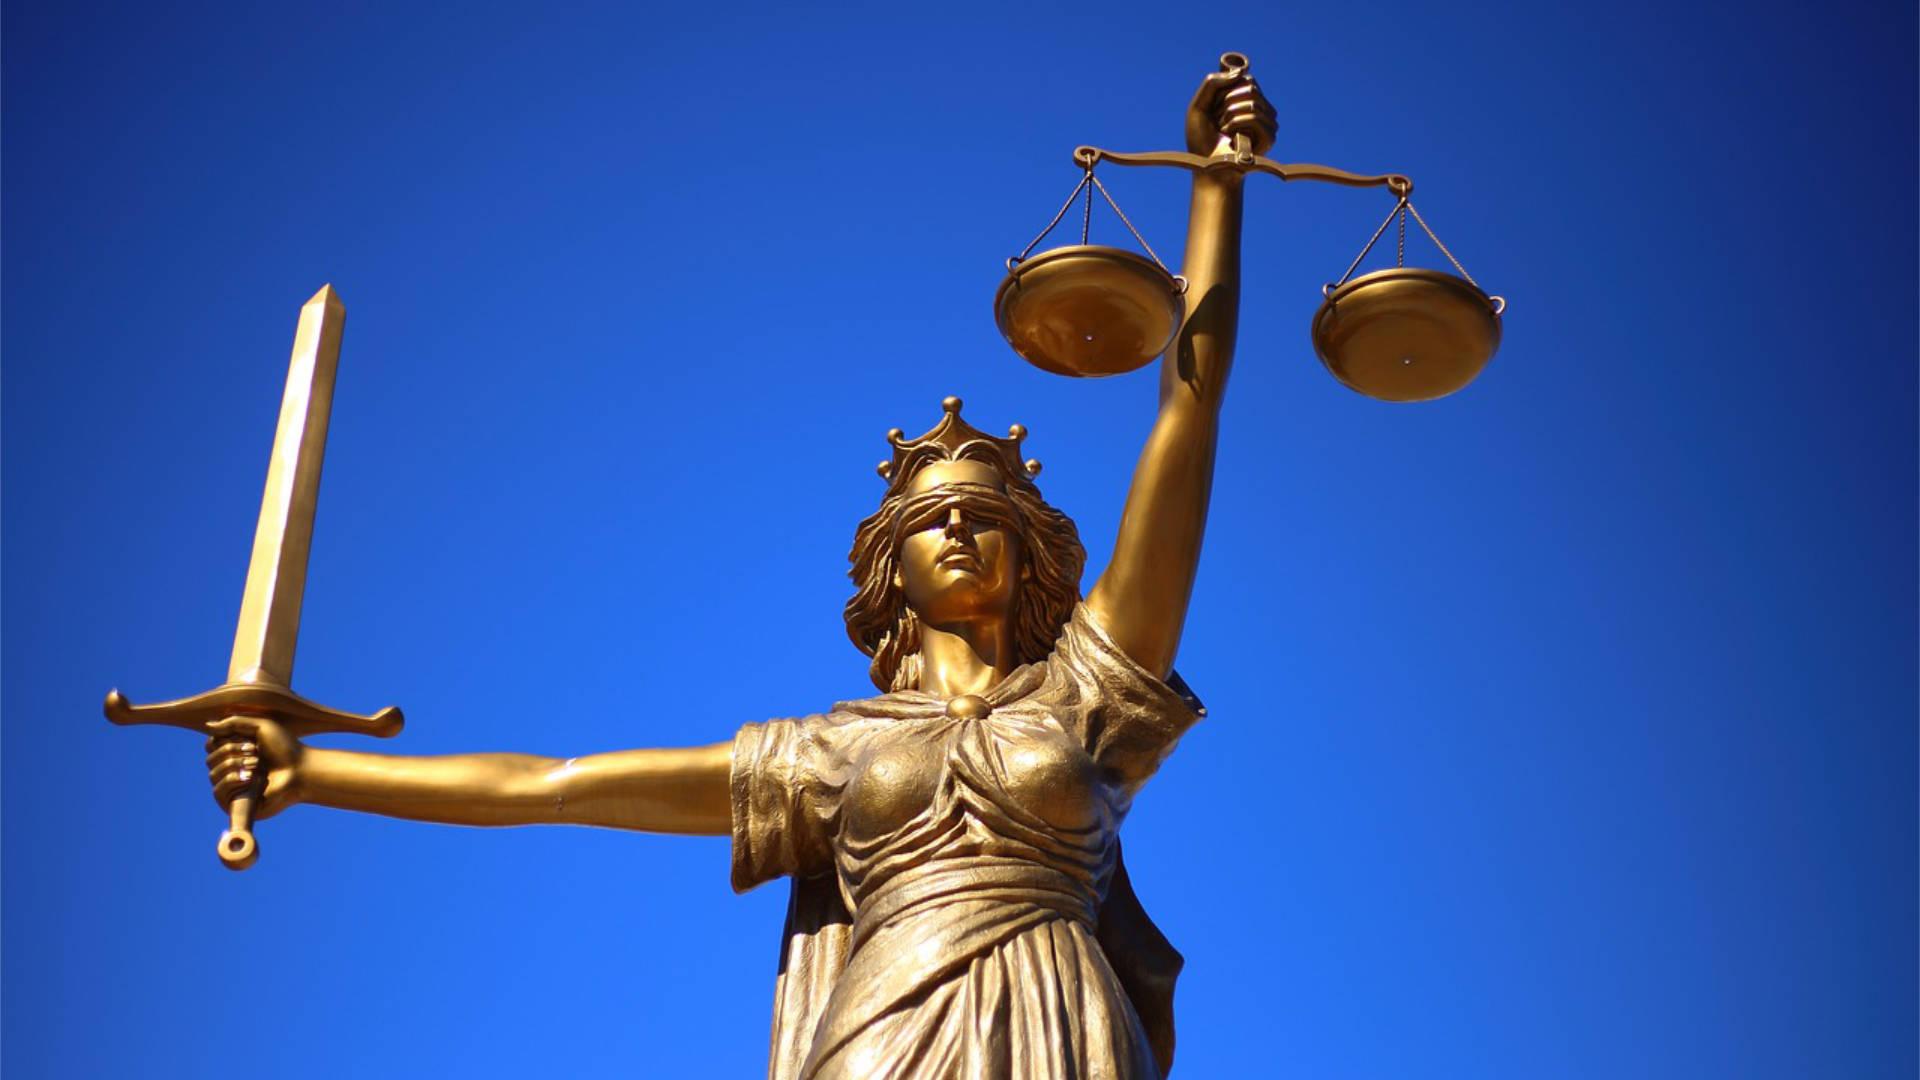 Gestor, Notar, Anwalt –wann brauche ich wen? Alles ein wenig anders in Spanien.